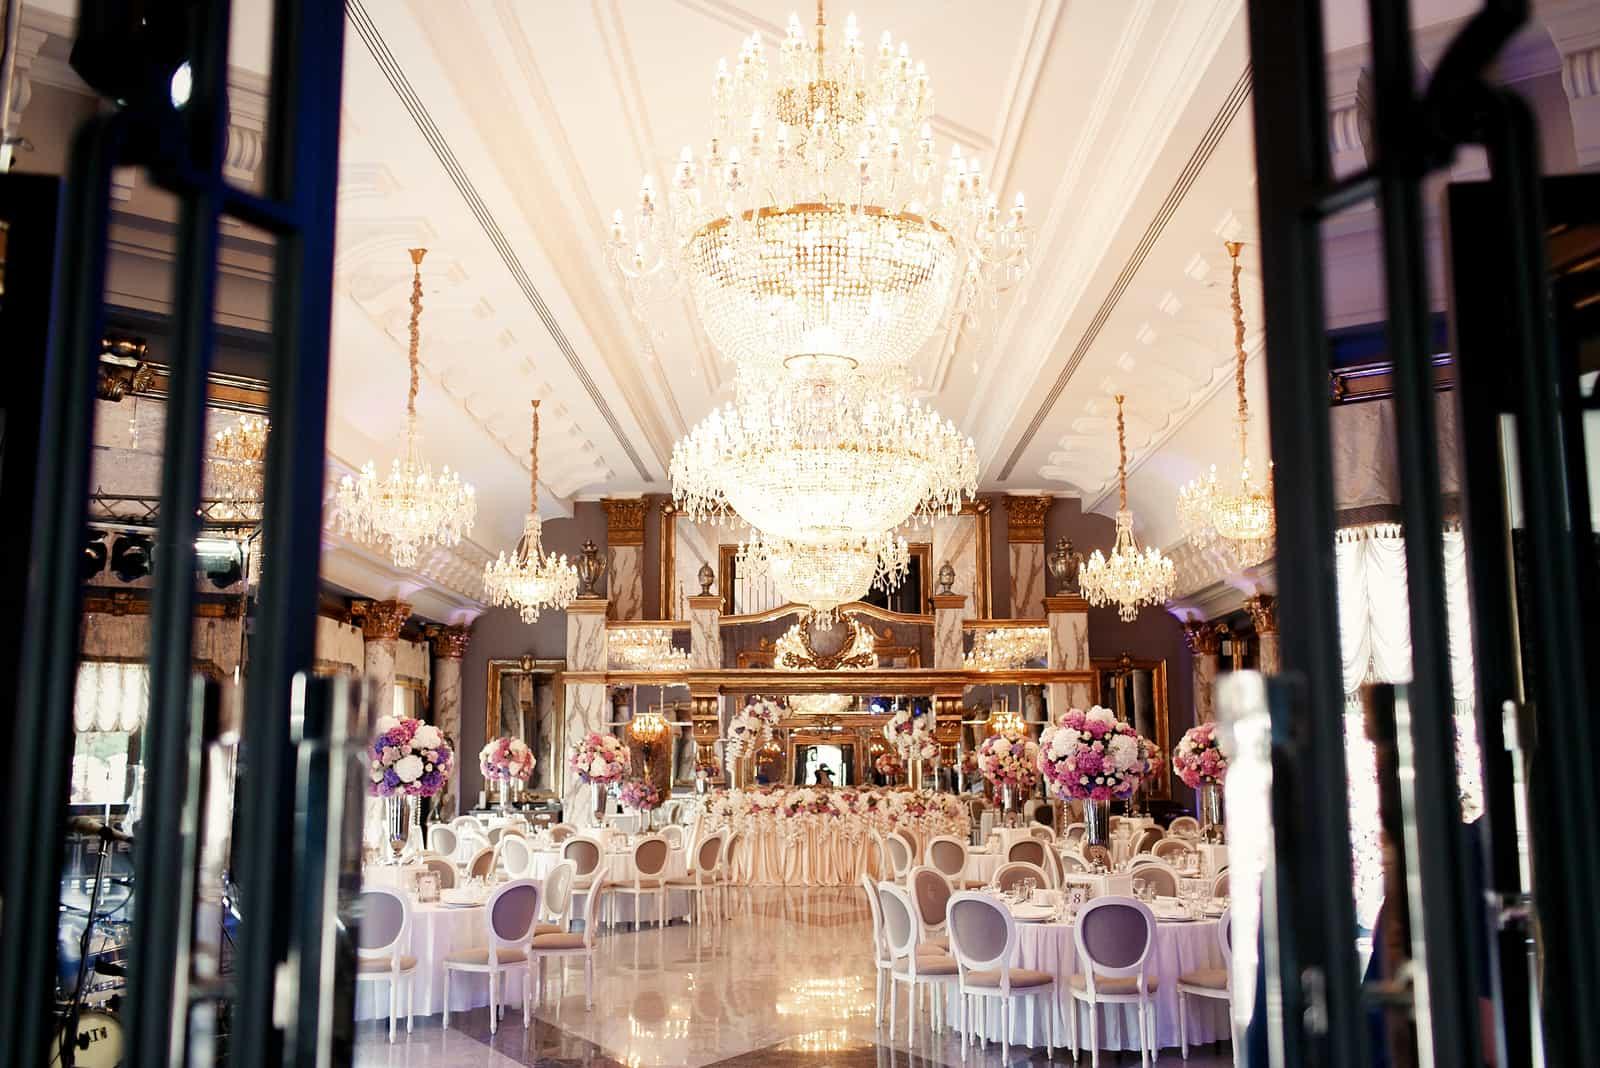 Schauen Sie aus der Ferne in die luxuriöse Restauranthalle, die für das Hochzeitsessen vorbereitet ist